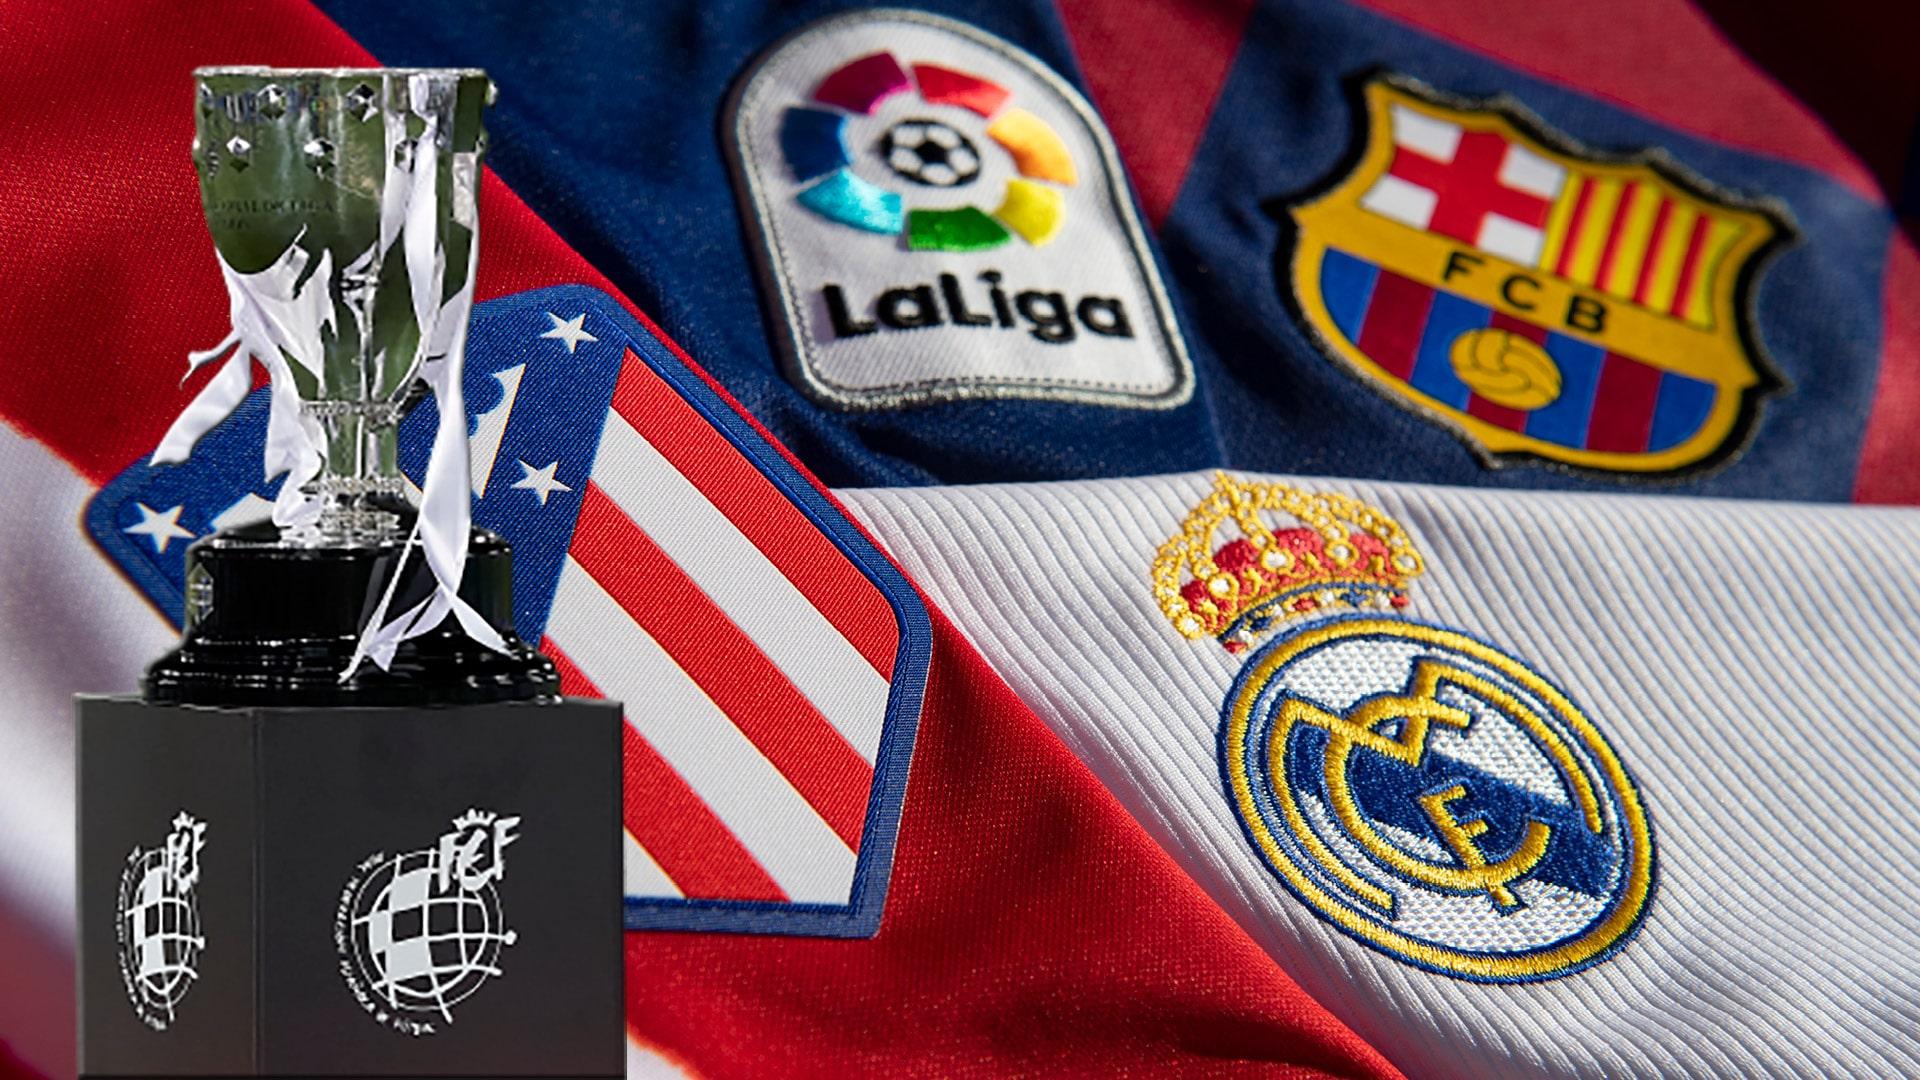 صحيفة إسبانية تتوقع الفائز بلقب الدوري الإسباني للموسم الحالي